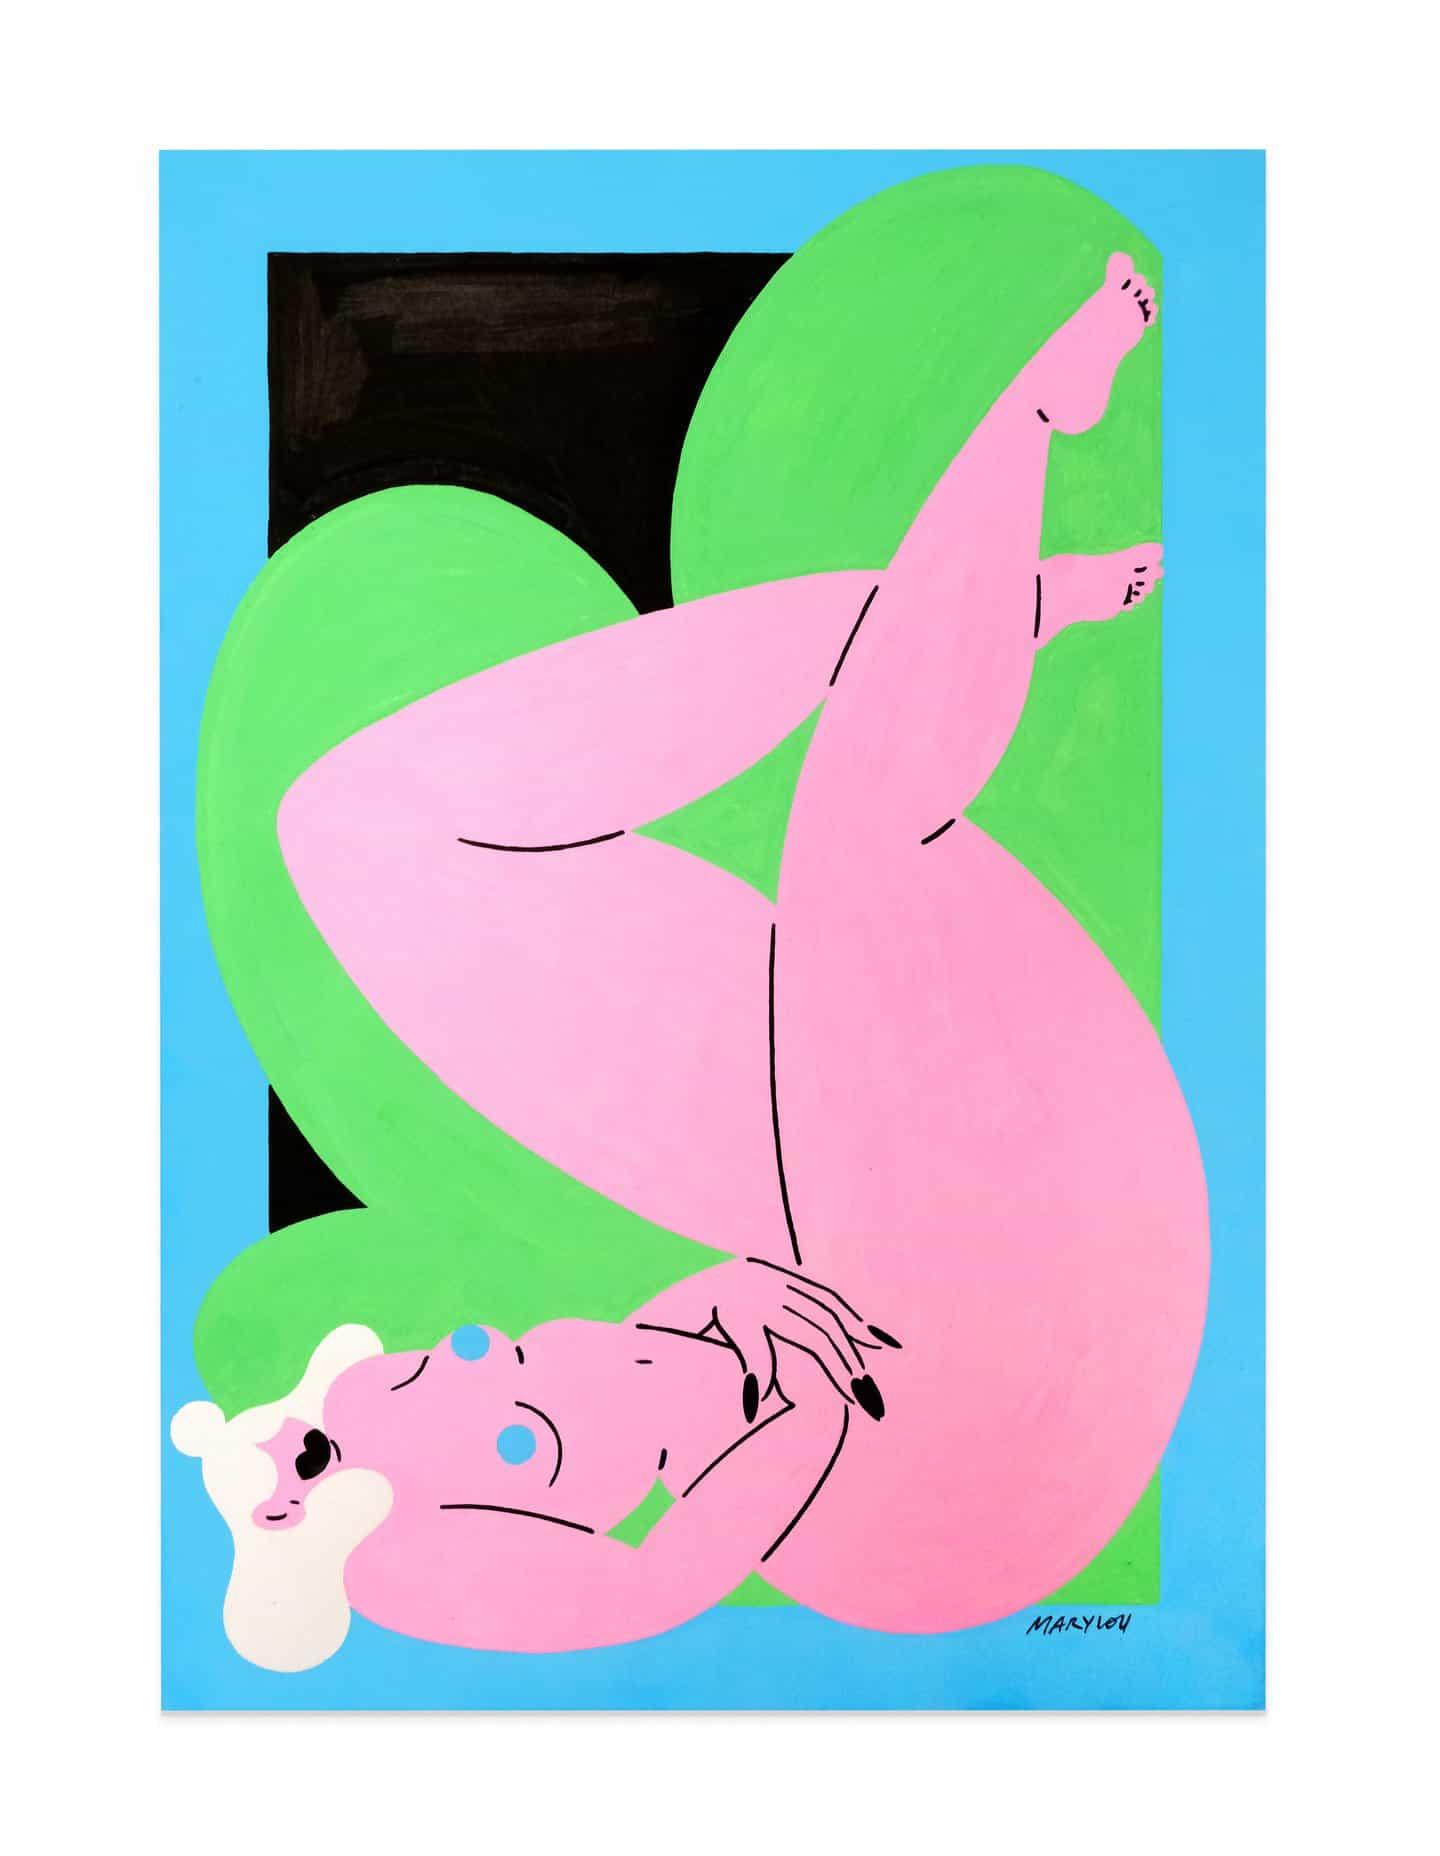 Guardar un trabajo de sorteos de dibujo de la vida por Genie Espinosa, Kelly Anna, Álva Skog, Marylou Faure, Stina Persson y más